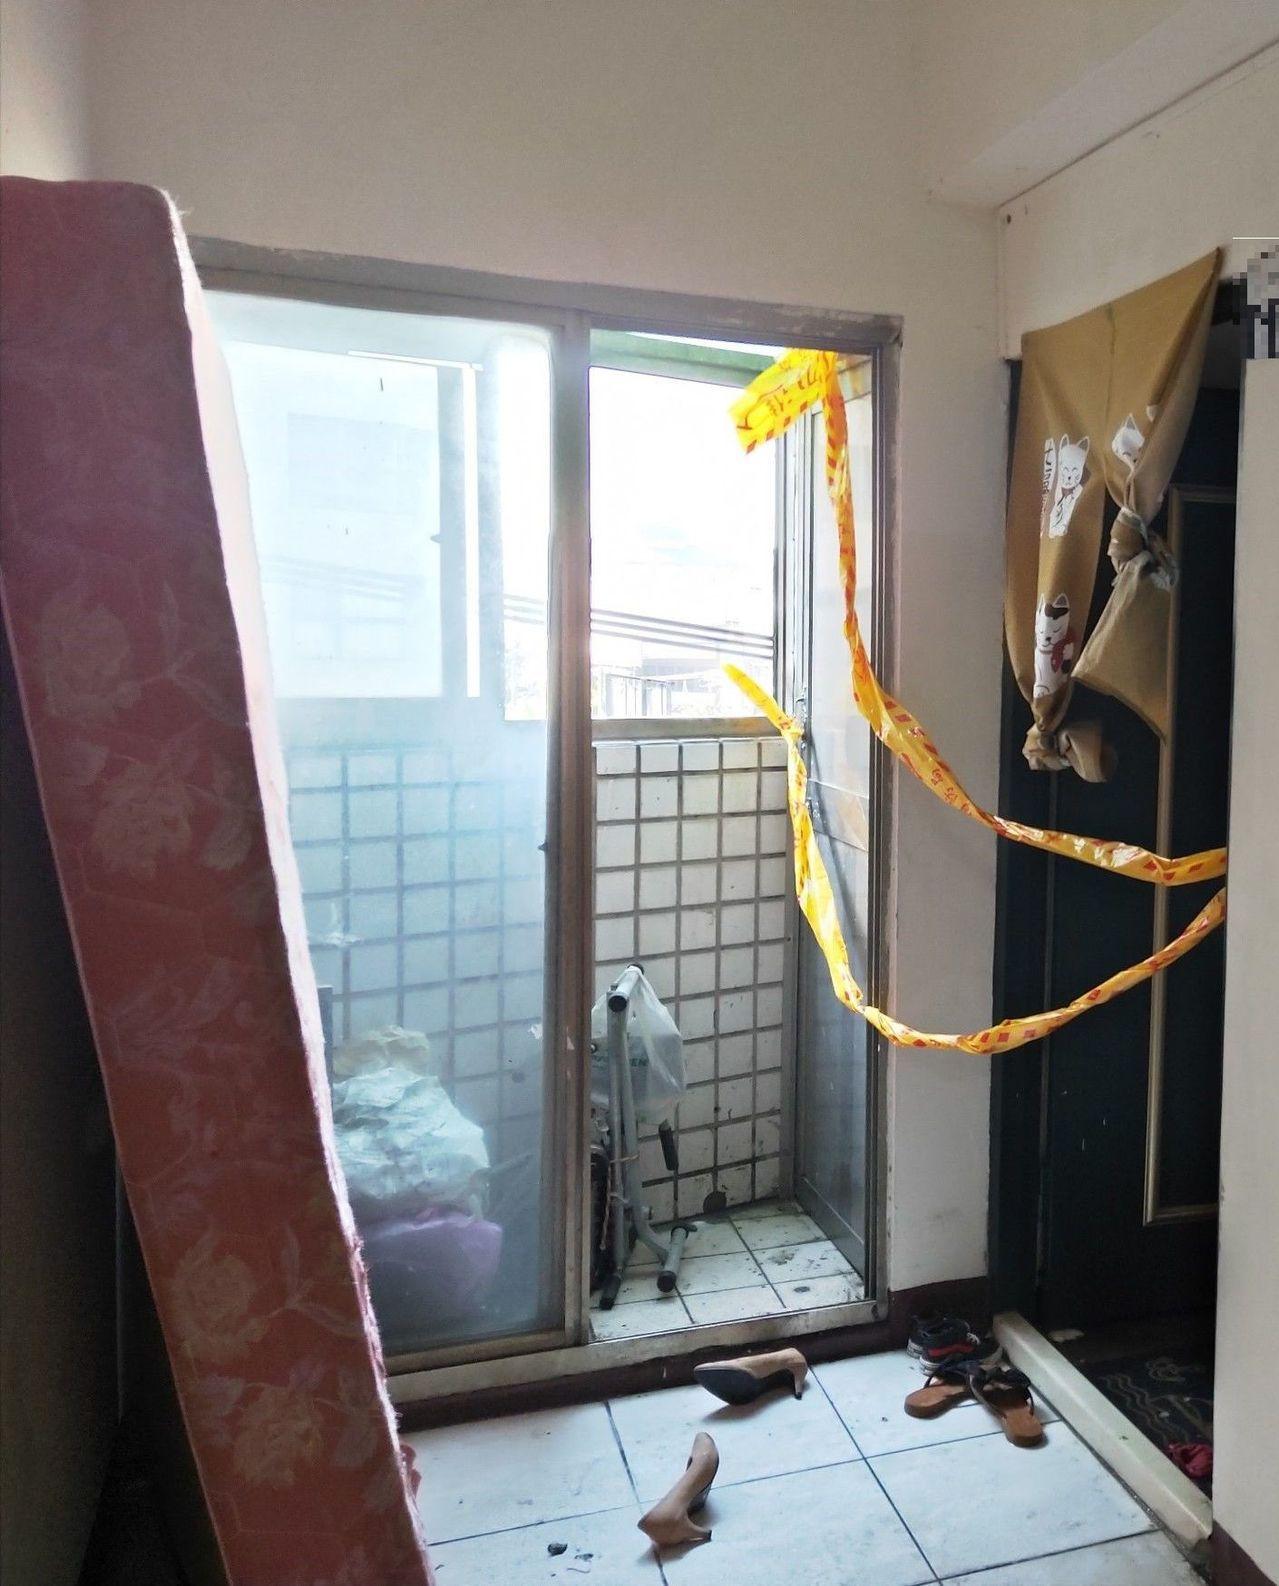 台中市烏日區中華路一處大樓住宅疑因更換卡式瓦斯爐瓦斯罐時不慎引發氣爆,造成2人受...